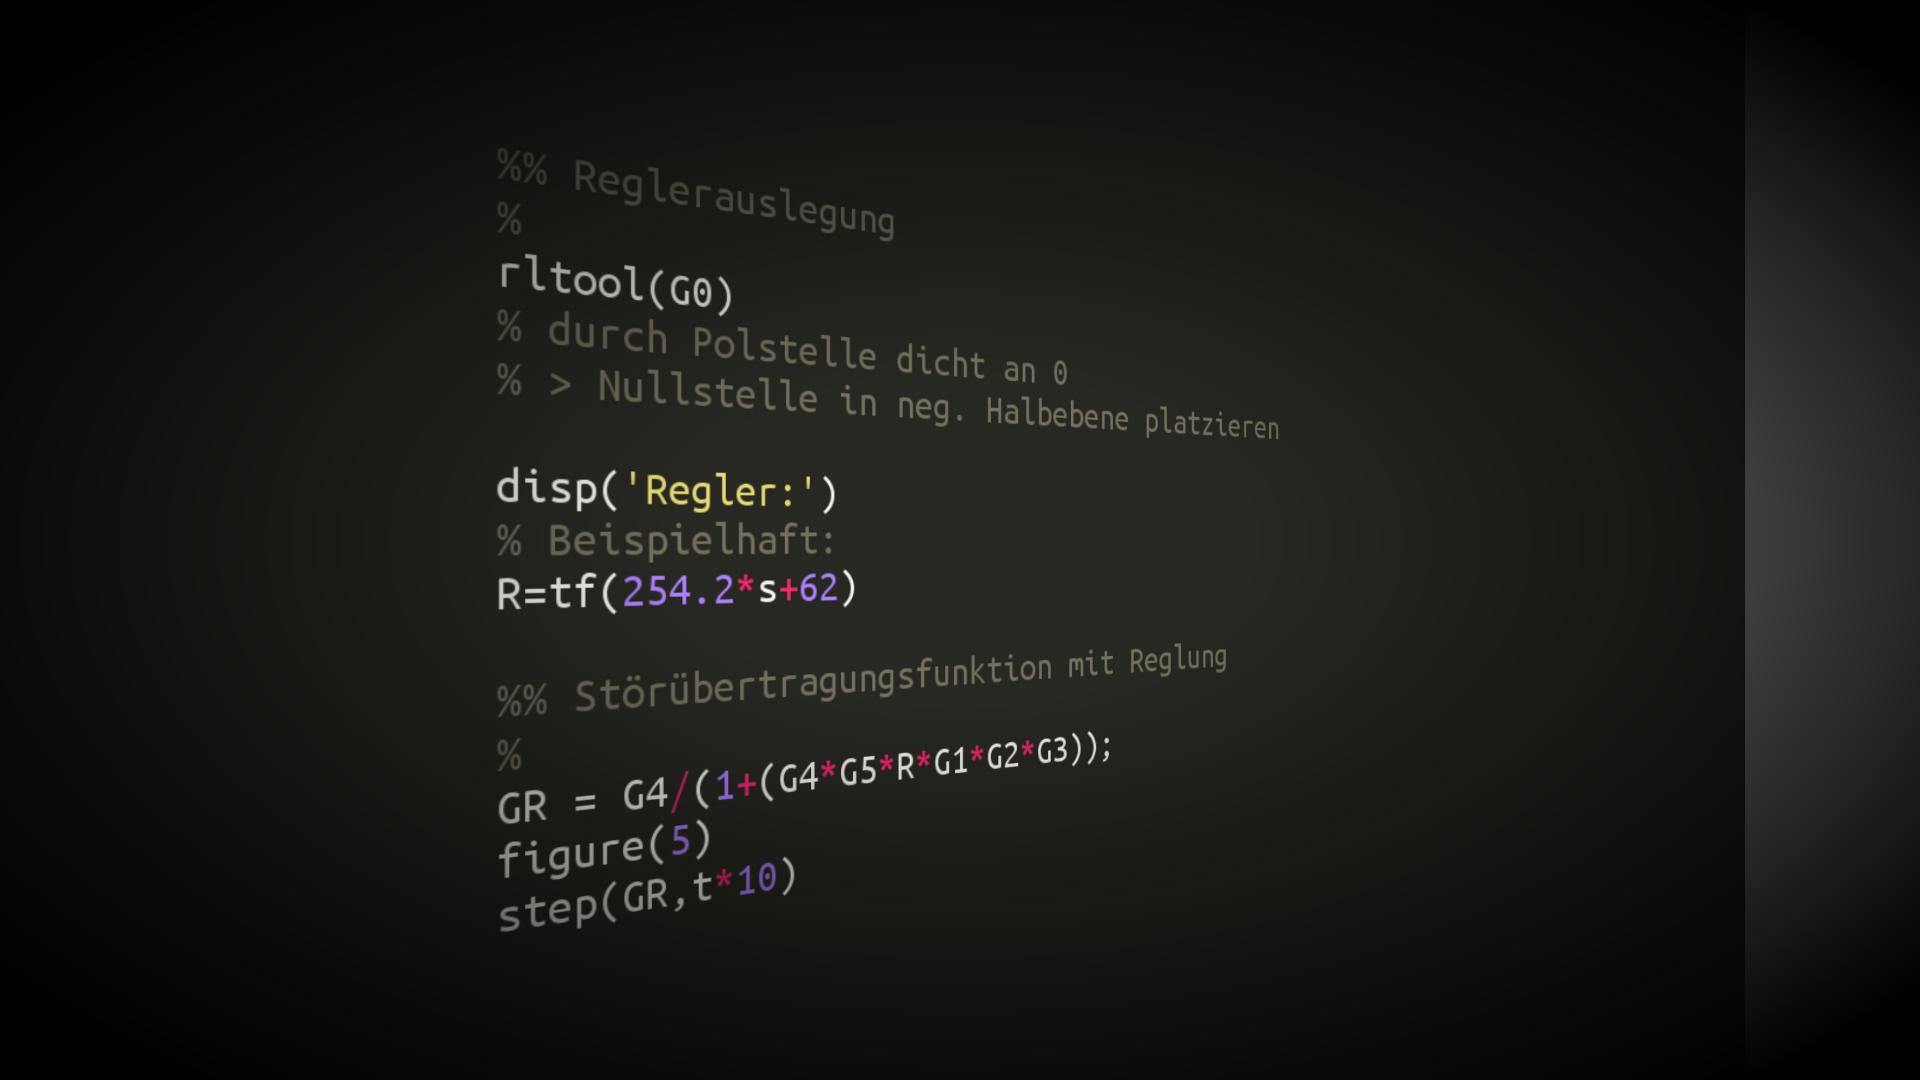 Matlab Code für die Control System Toolbox, um den Regelkreis zu untersuchen